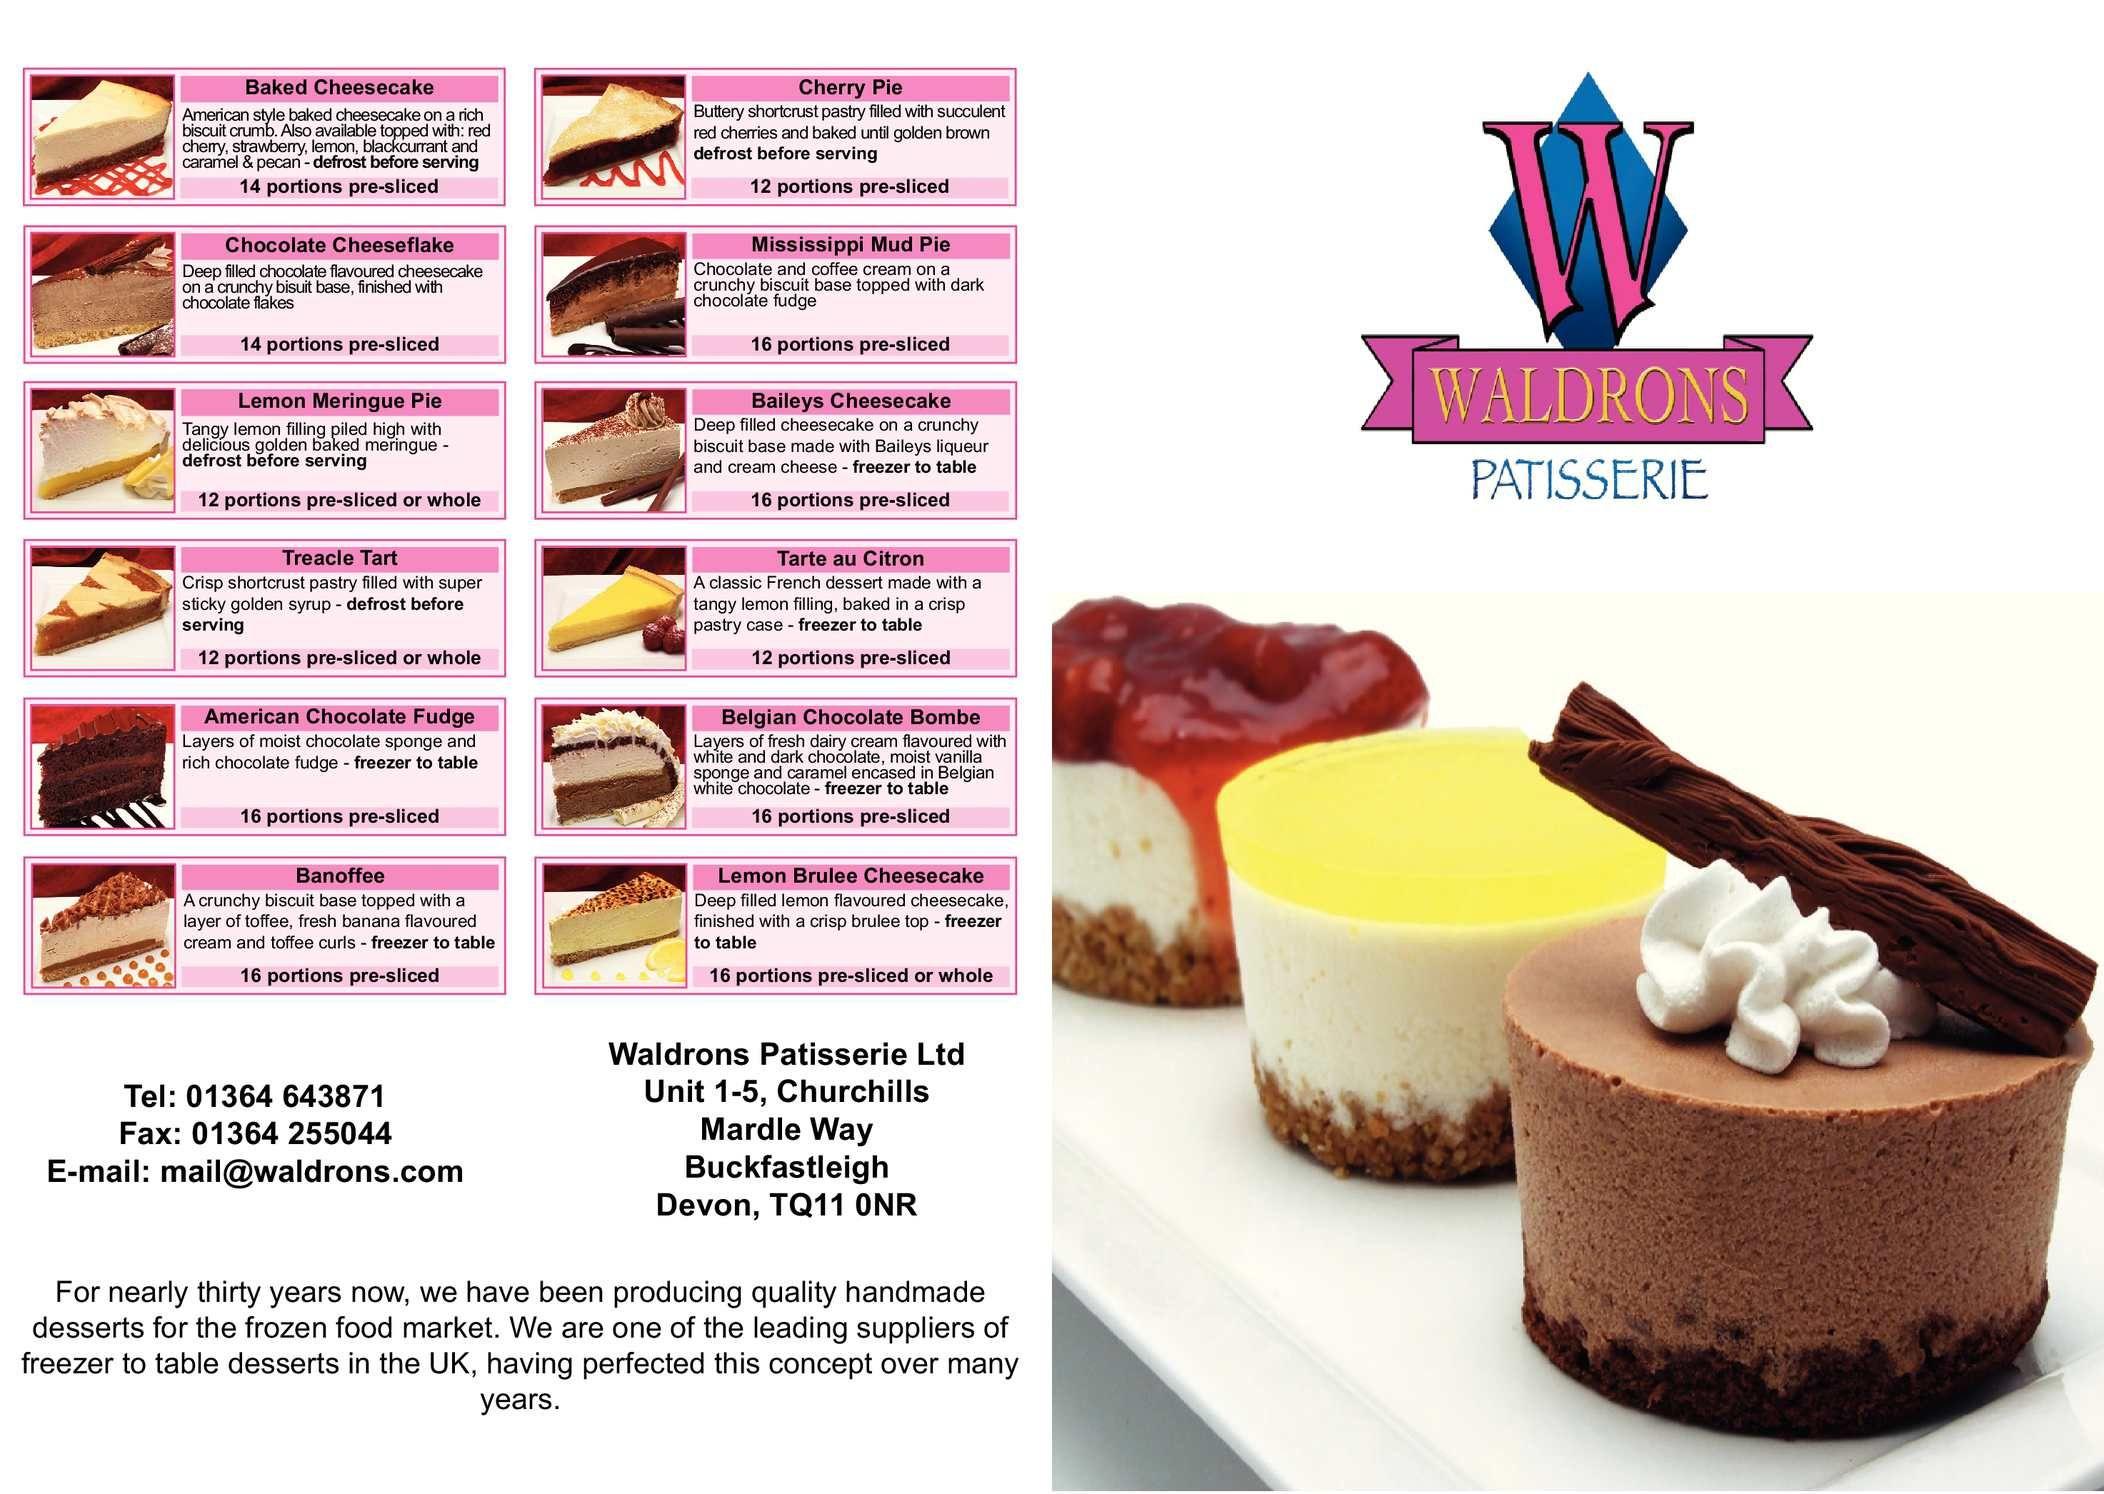 Waldrons Patisserie Brochure 2014 15 Baked Meringue American